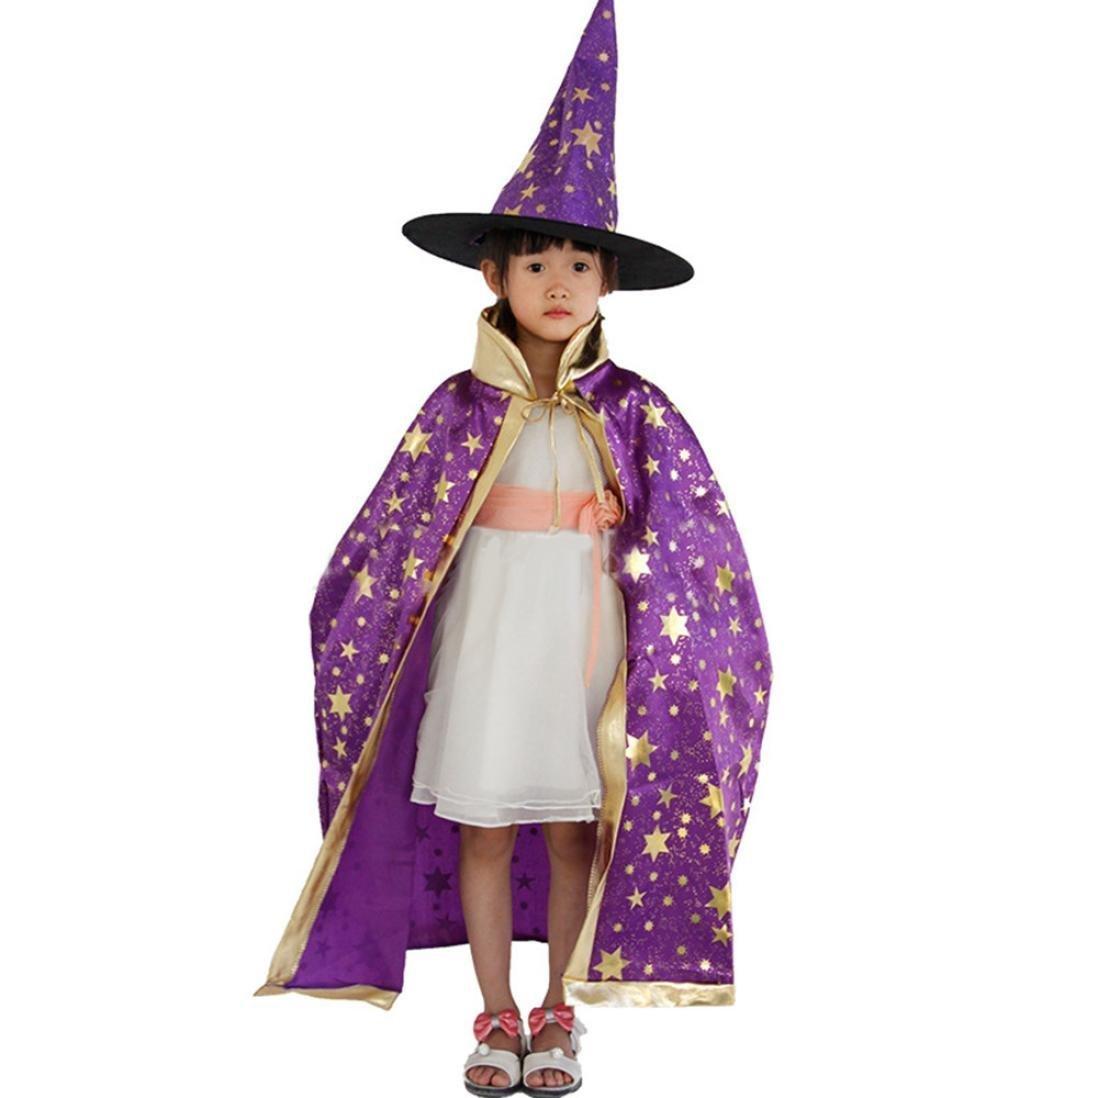 mnyycxen Childrens 'ウィザードハロウィンコスチューム魔女マントケープローブand Hat for Boy Girl  パープル B07G48KBJ2